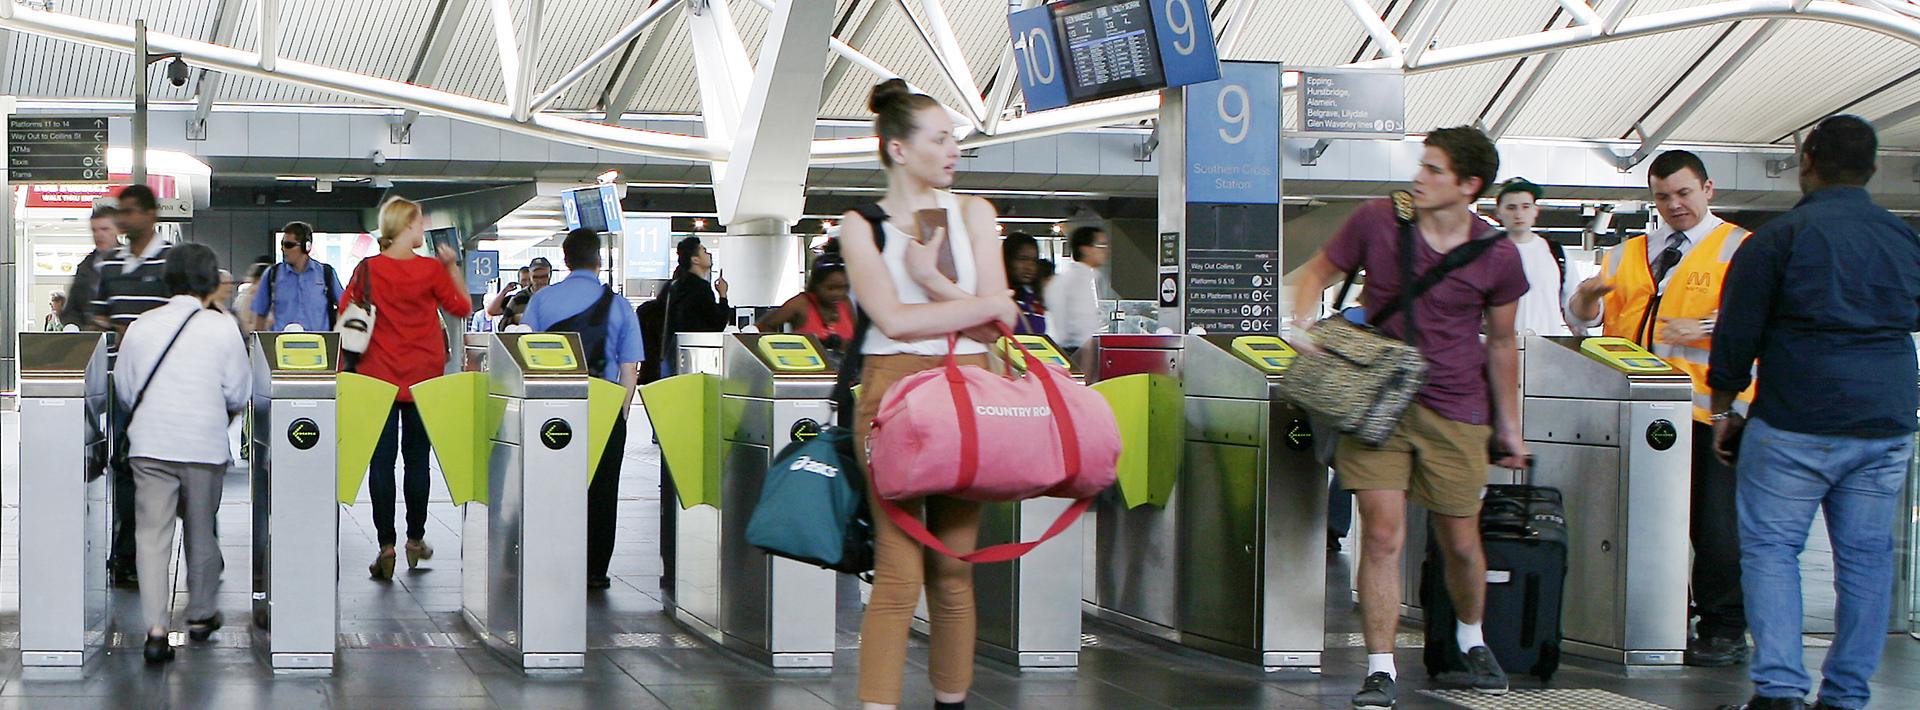 Metro e trasporto pubblico